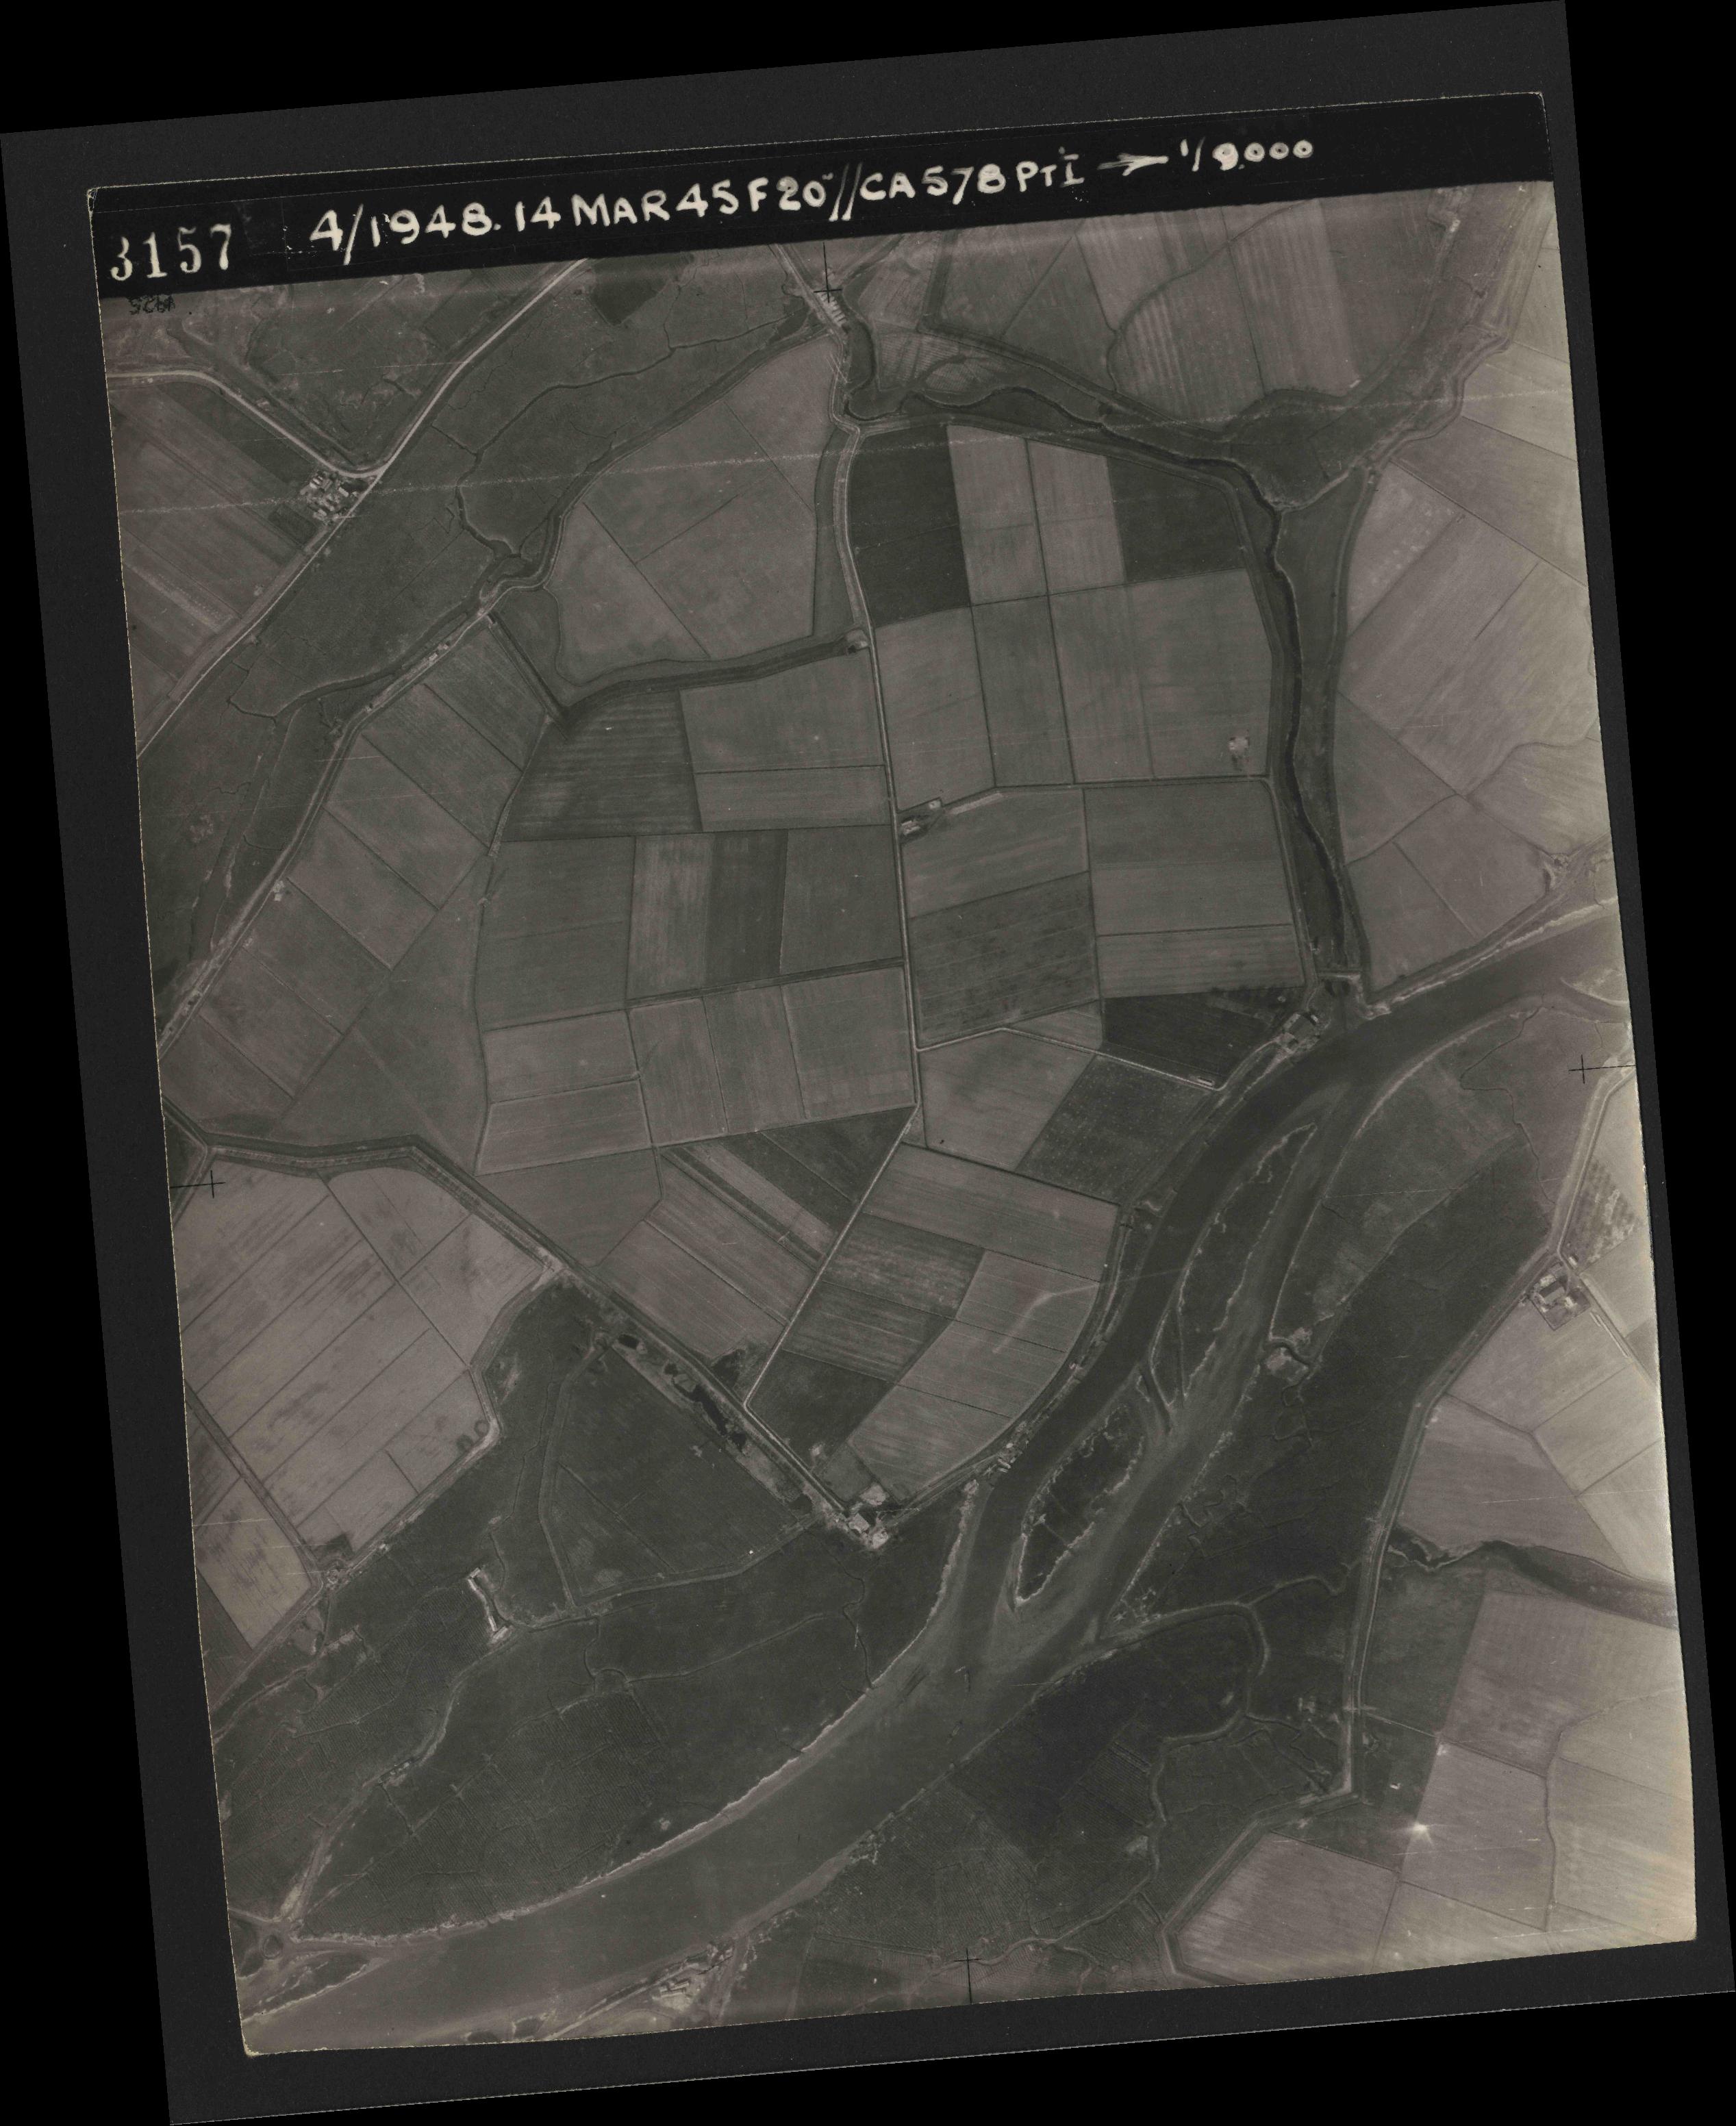 Collection RAF aerial photos 1940-1945 - flight 095, run 01, photo 3157